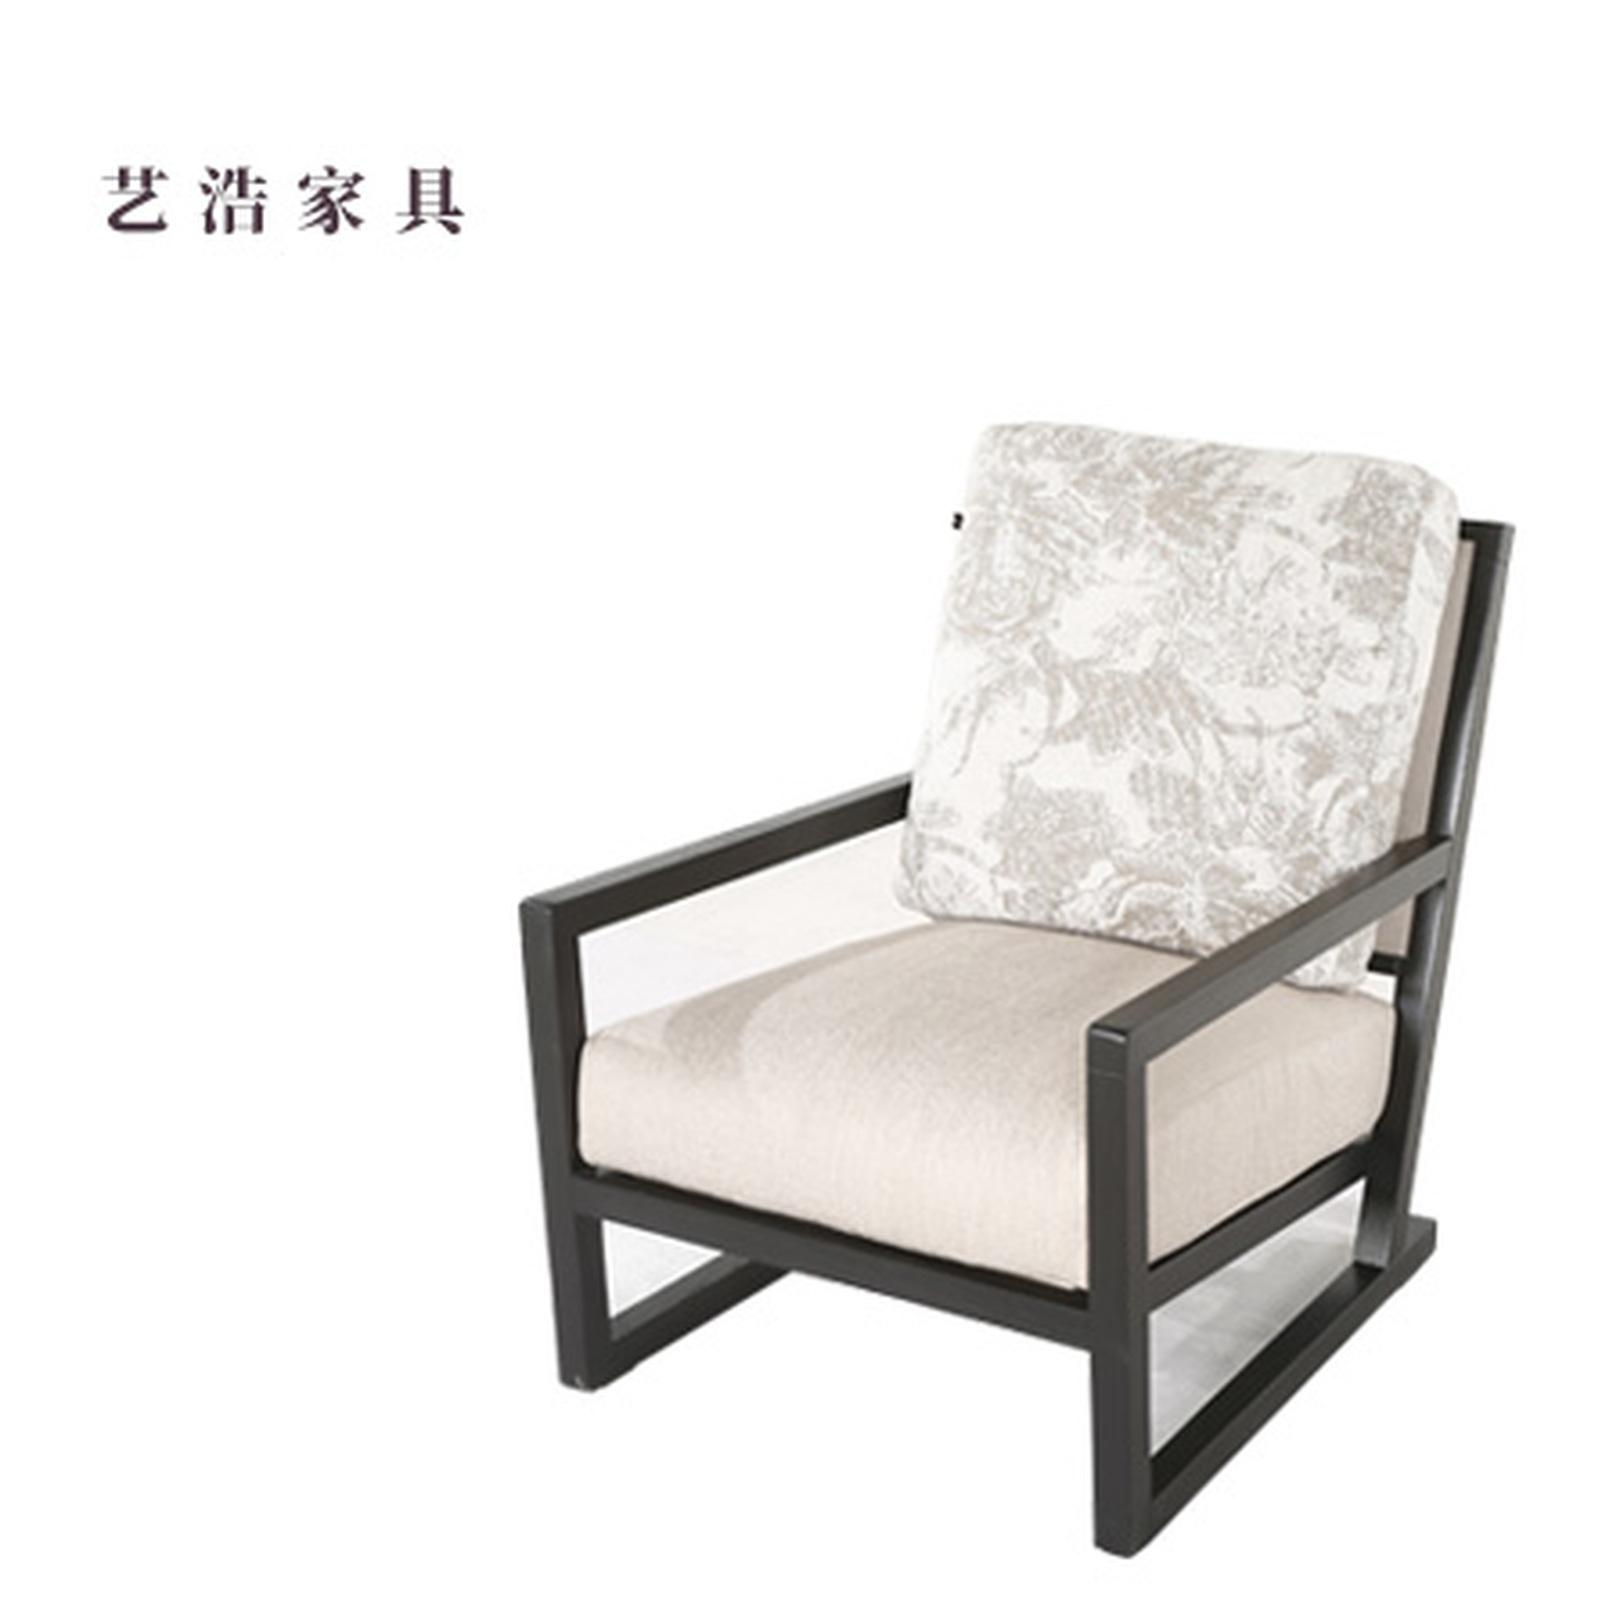 艺浩实木椅子